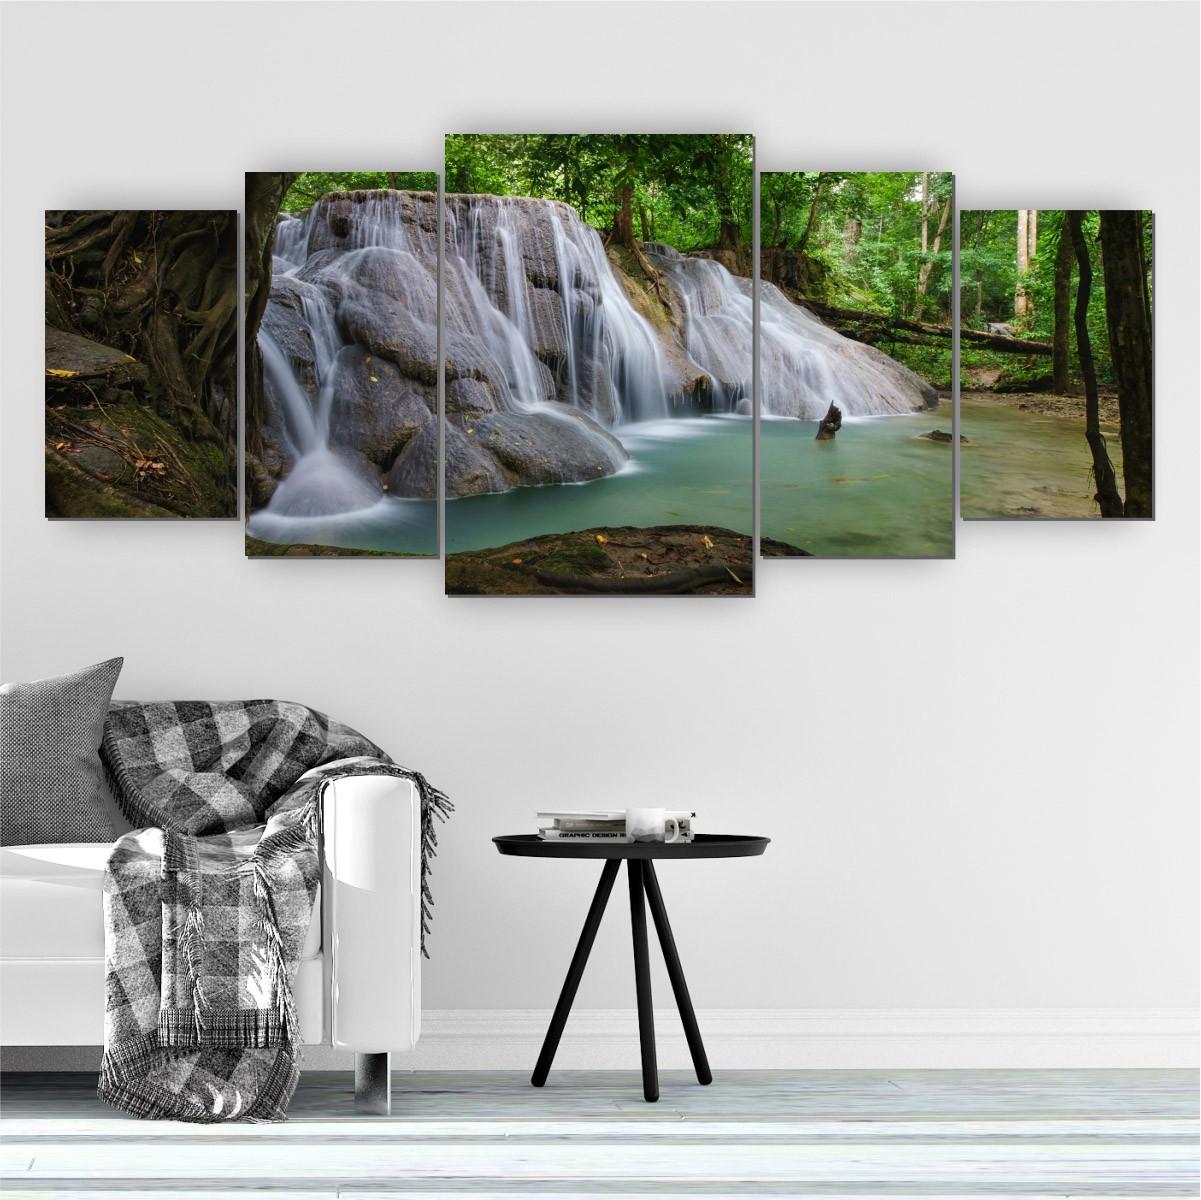 Quadro Decorativo Mosaico Sala Cachoeira Natureza 5 peças 144x60cm